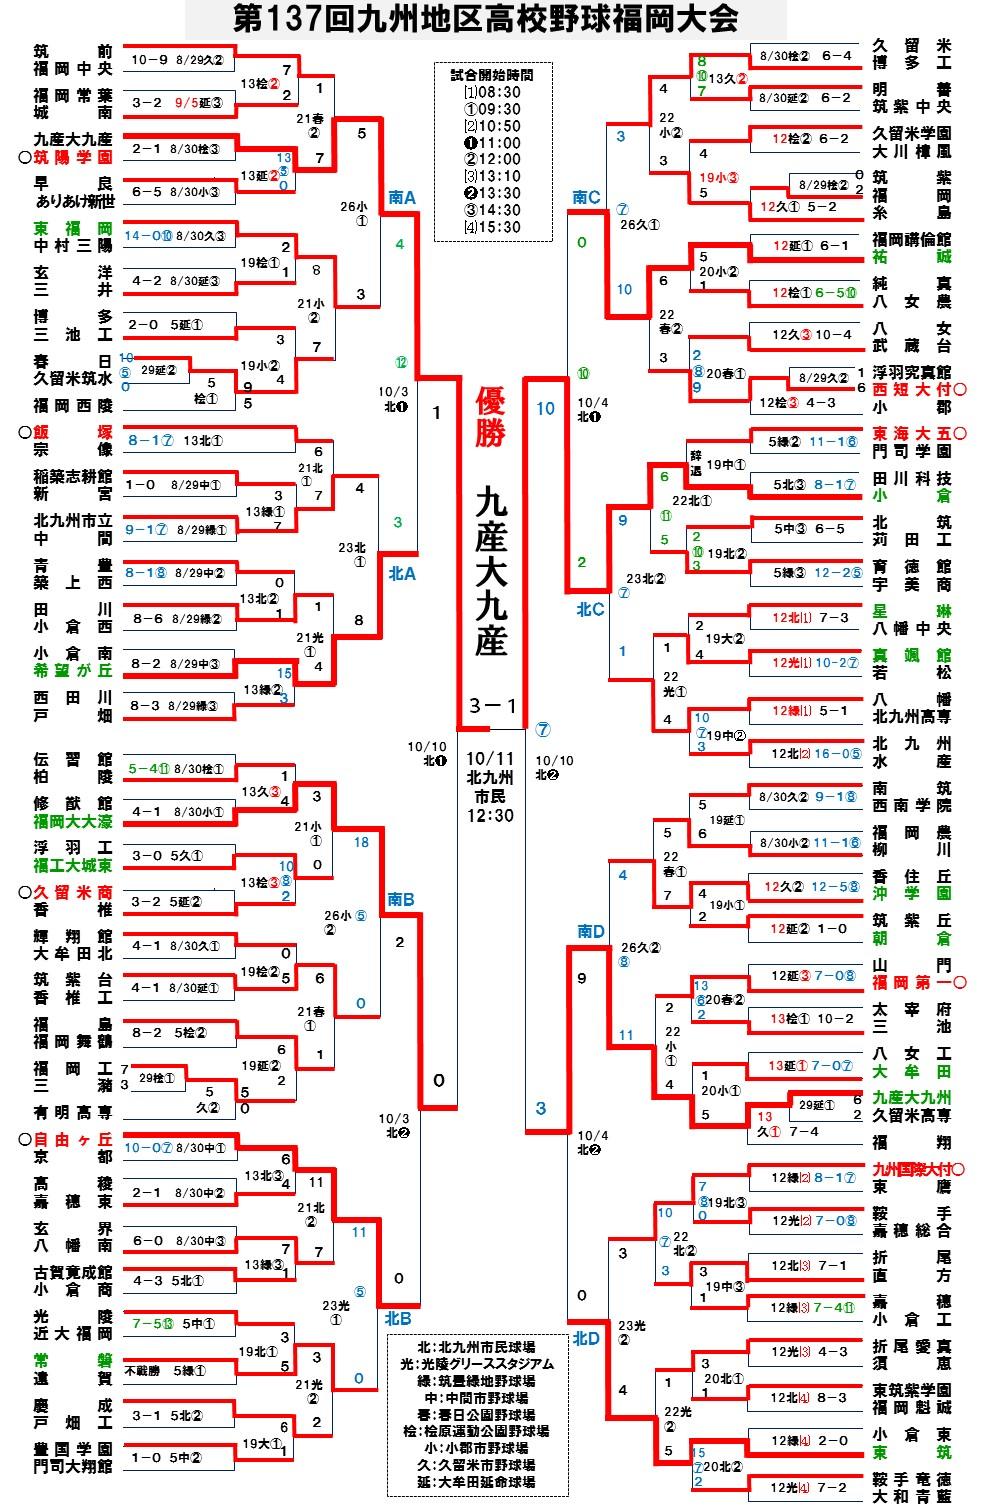 2015秋季福岡大会11